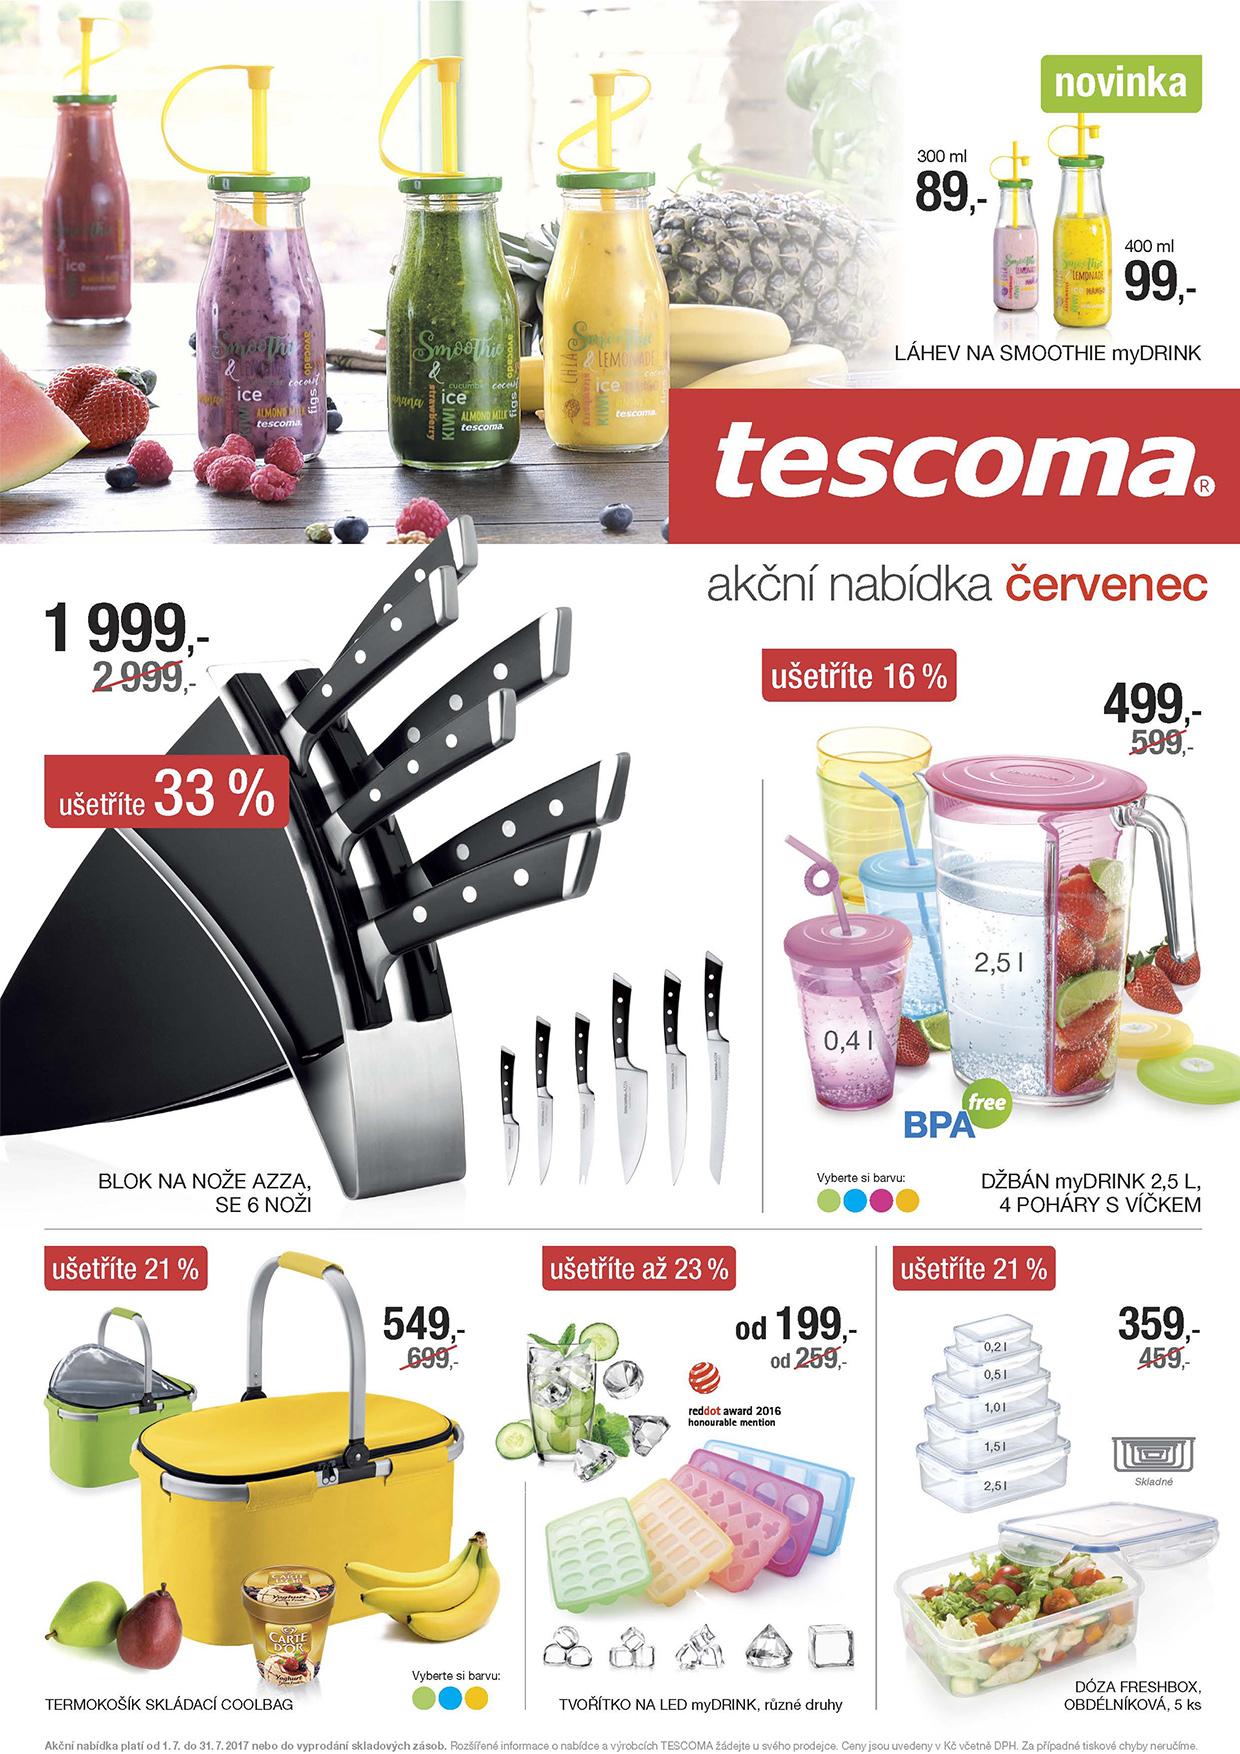 Tescoma akční nabídka na červenec 2017